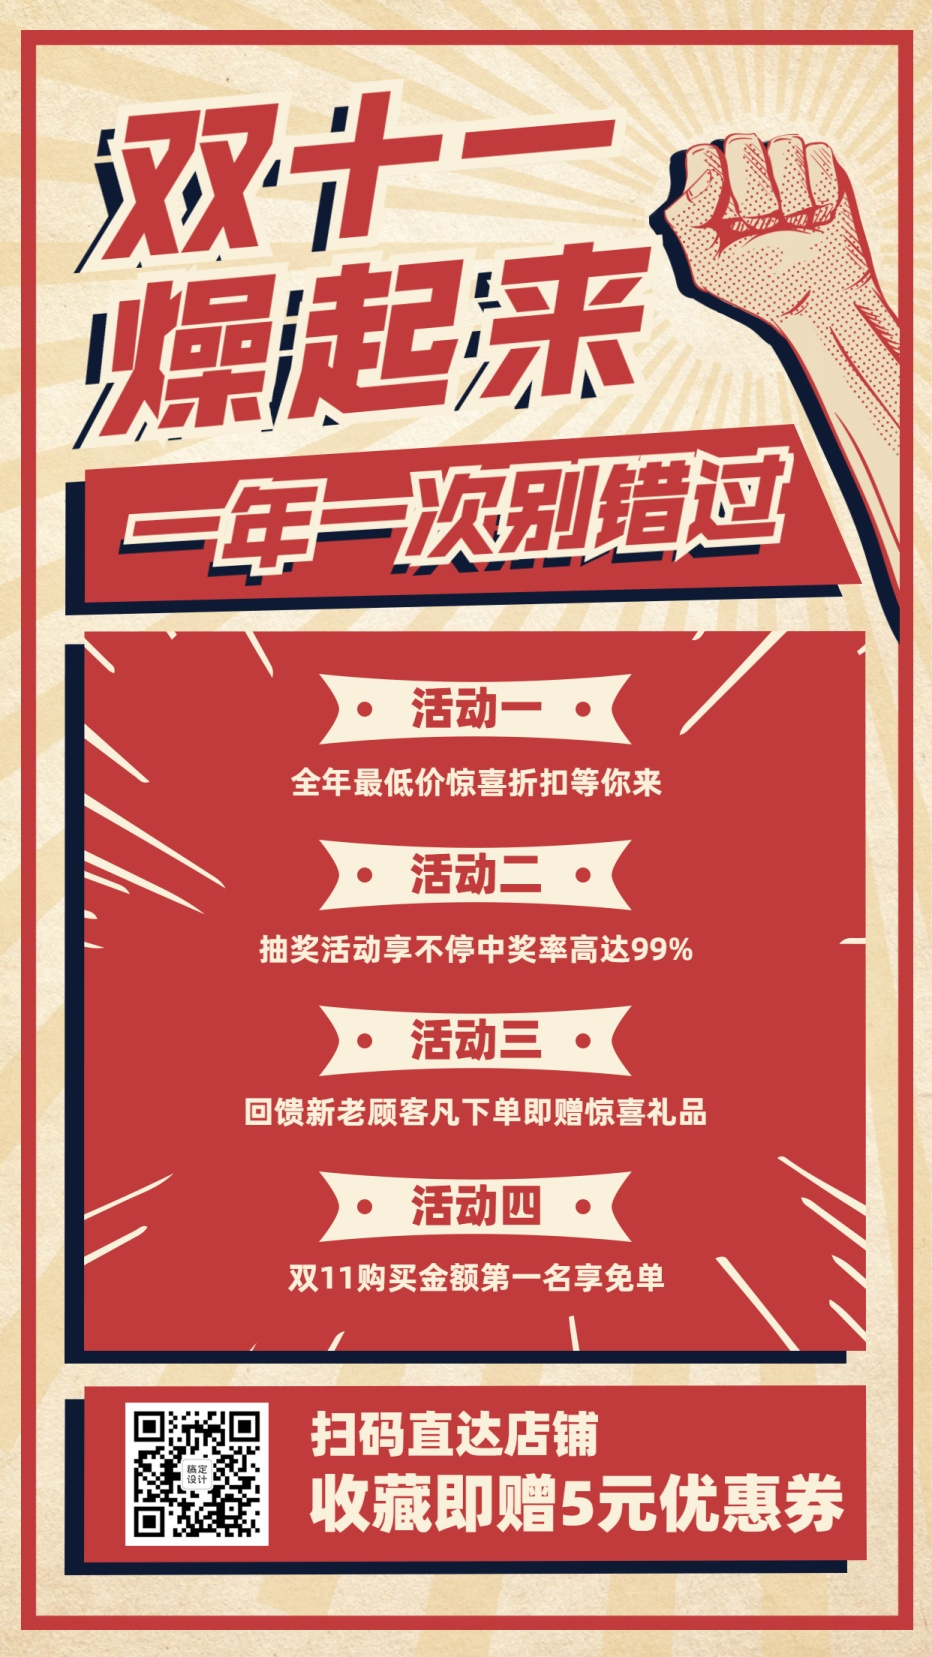 双11促销活动通知手机海报